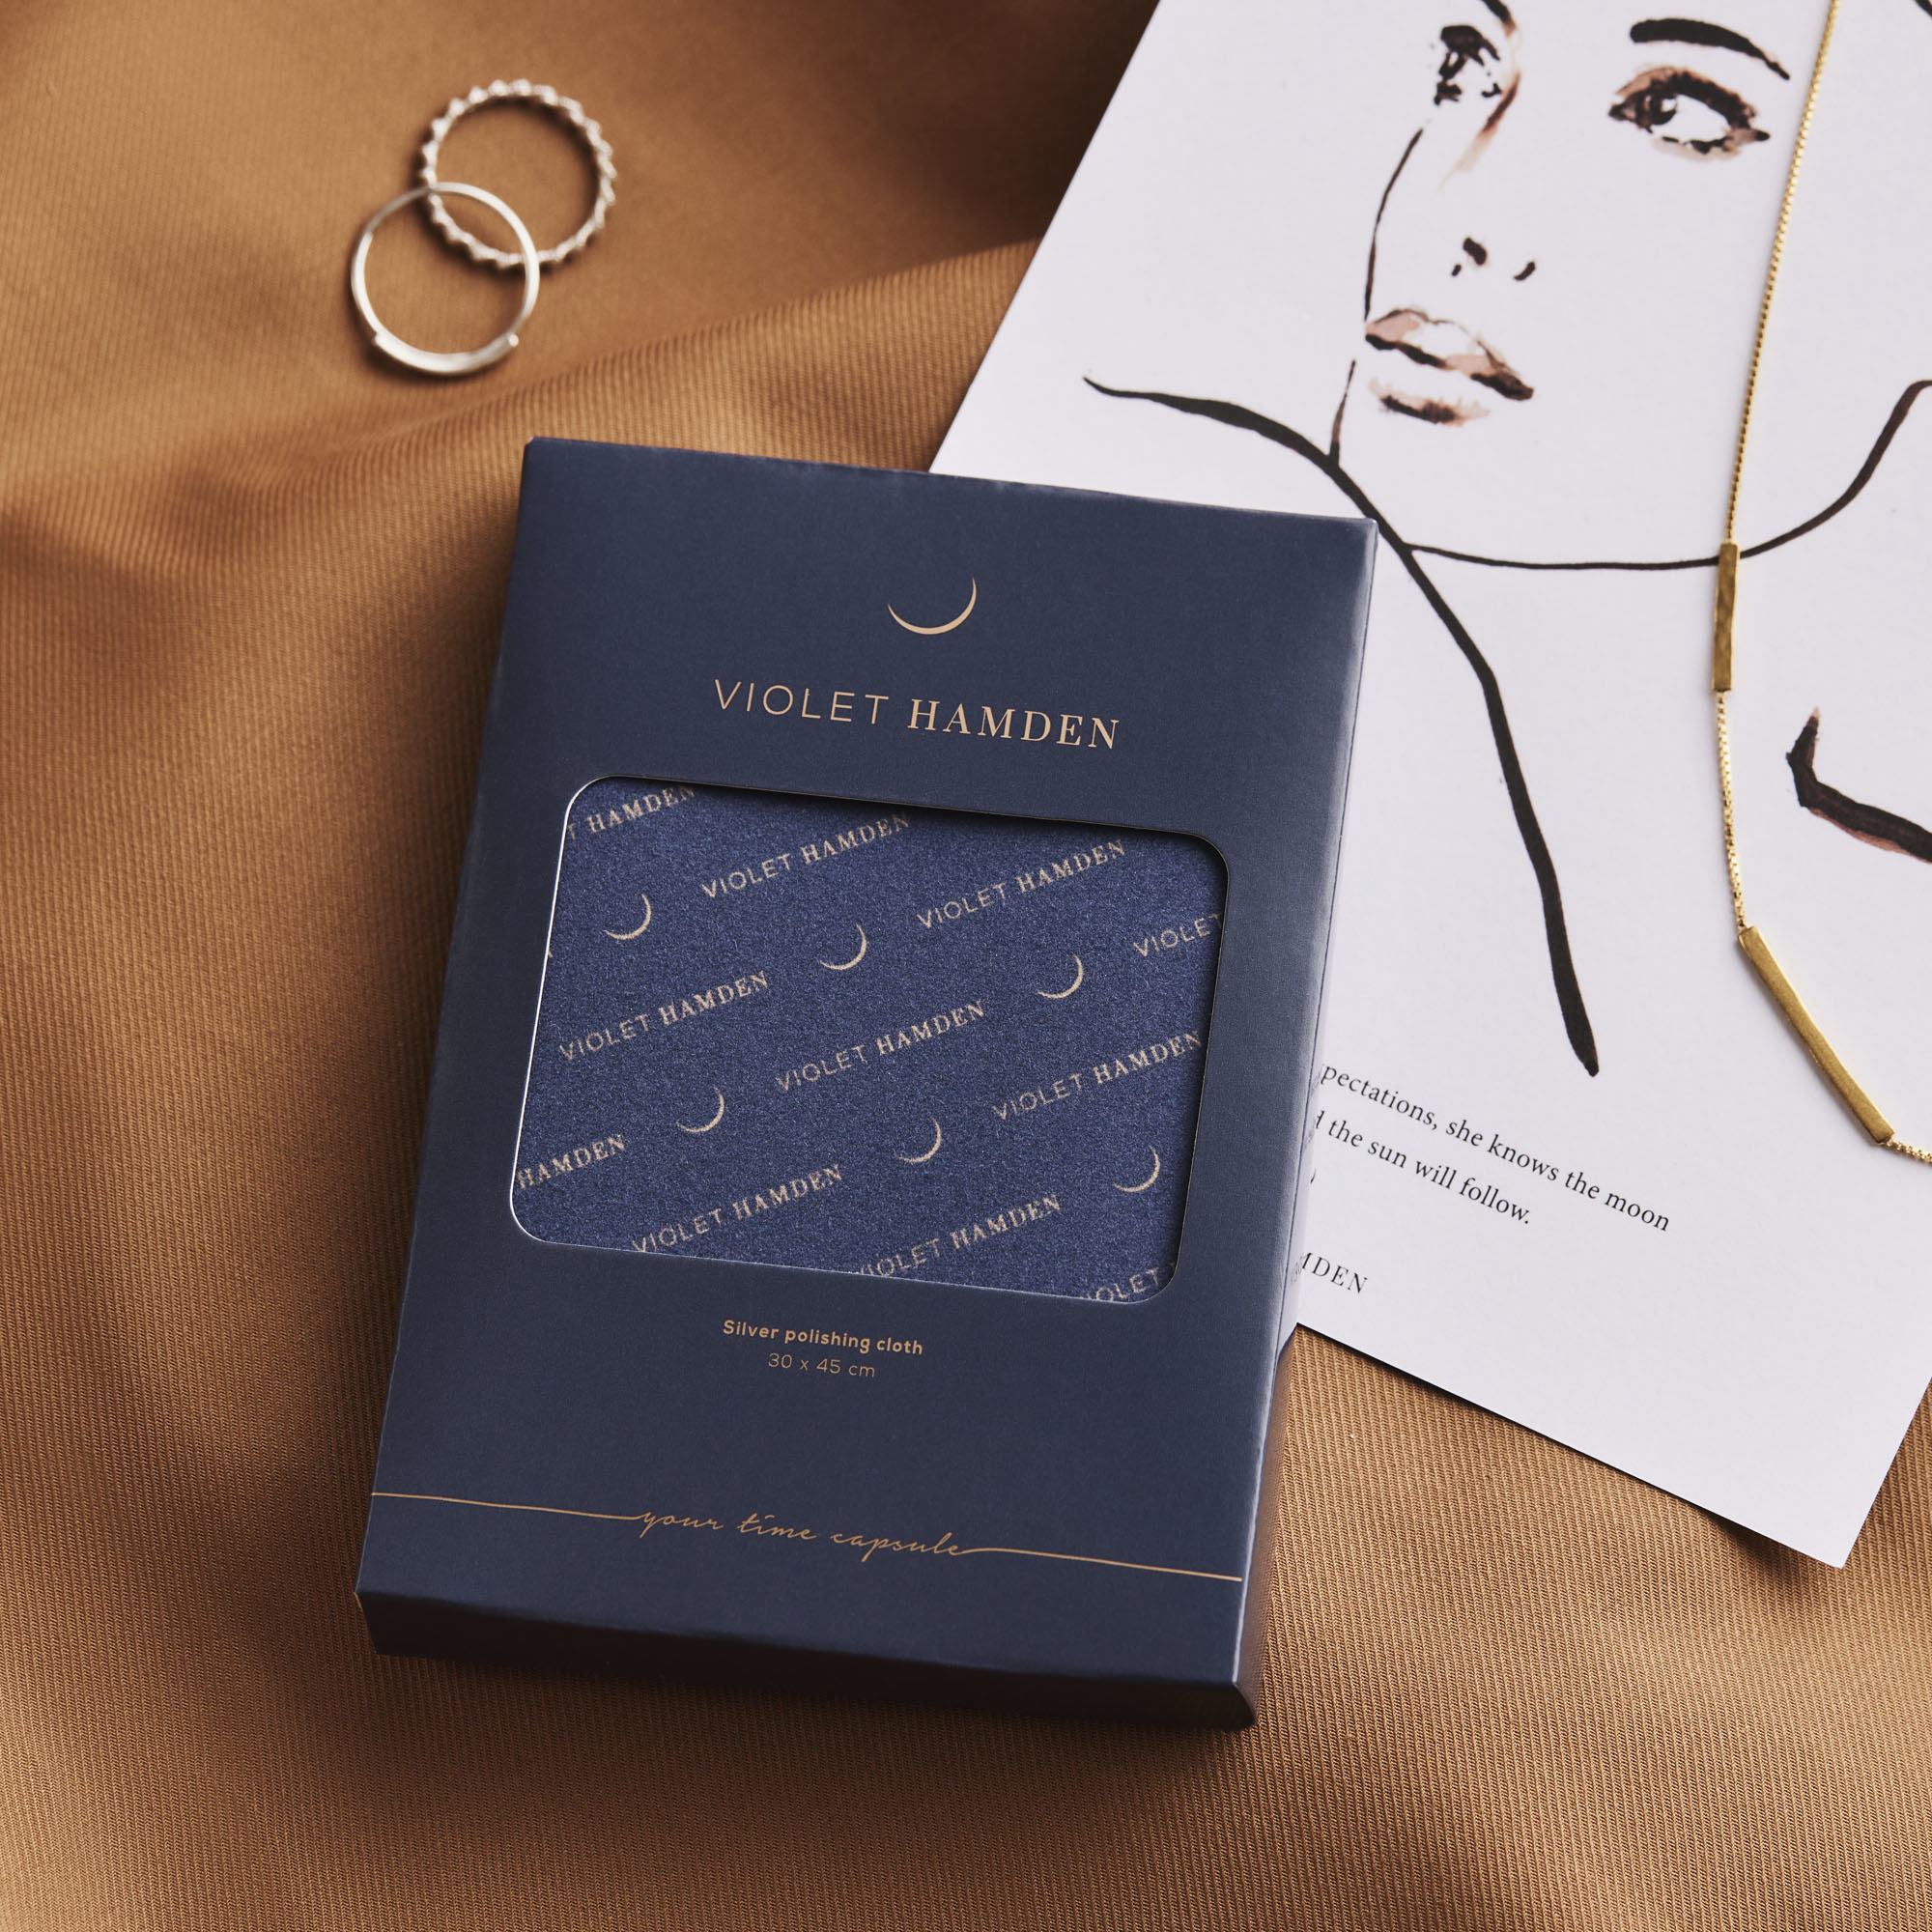 Violet Hamden Poetsdoek voor zilver sieraden